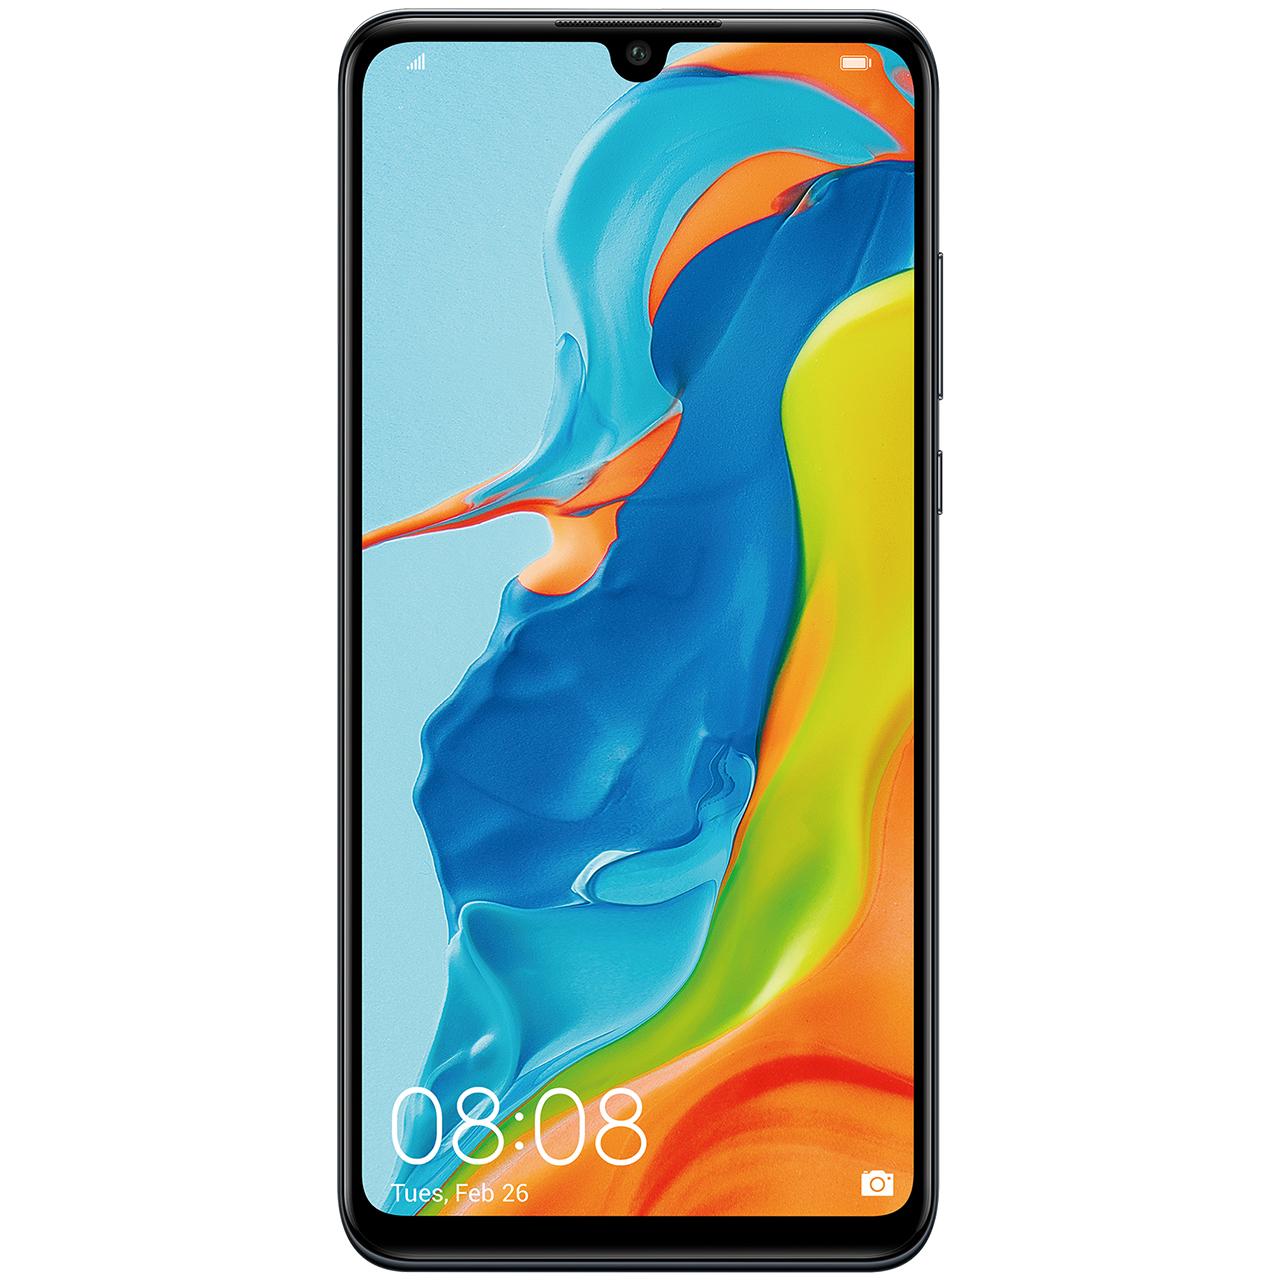 گوشی موبایل هوآوی مدل P30 Lite MAR-LX1M دو سیم کارت ظرفیت 128 گیگابایت thumb